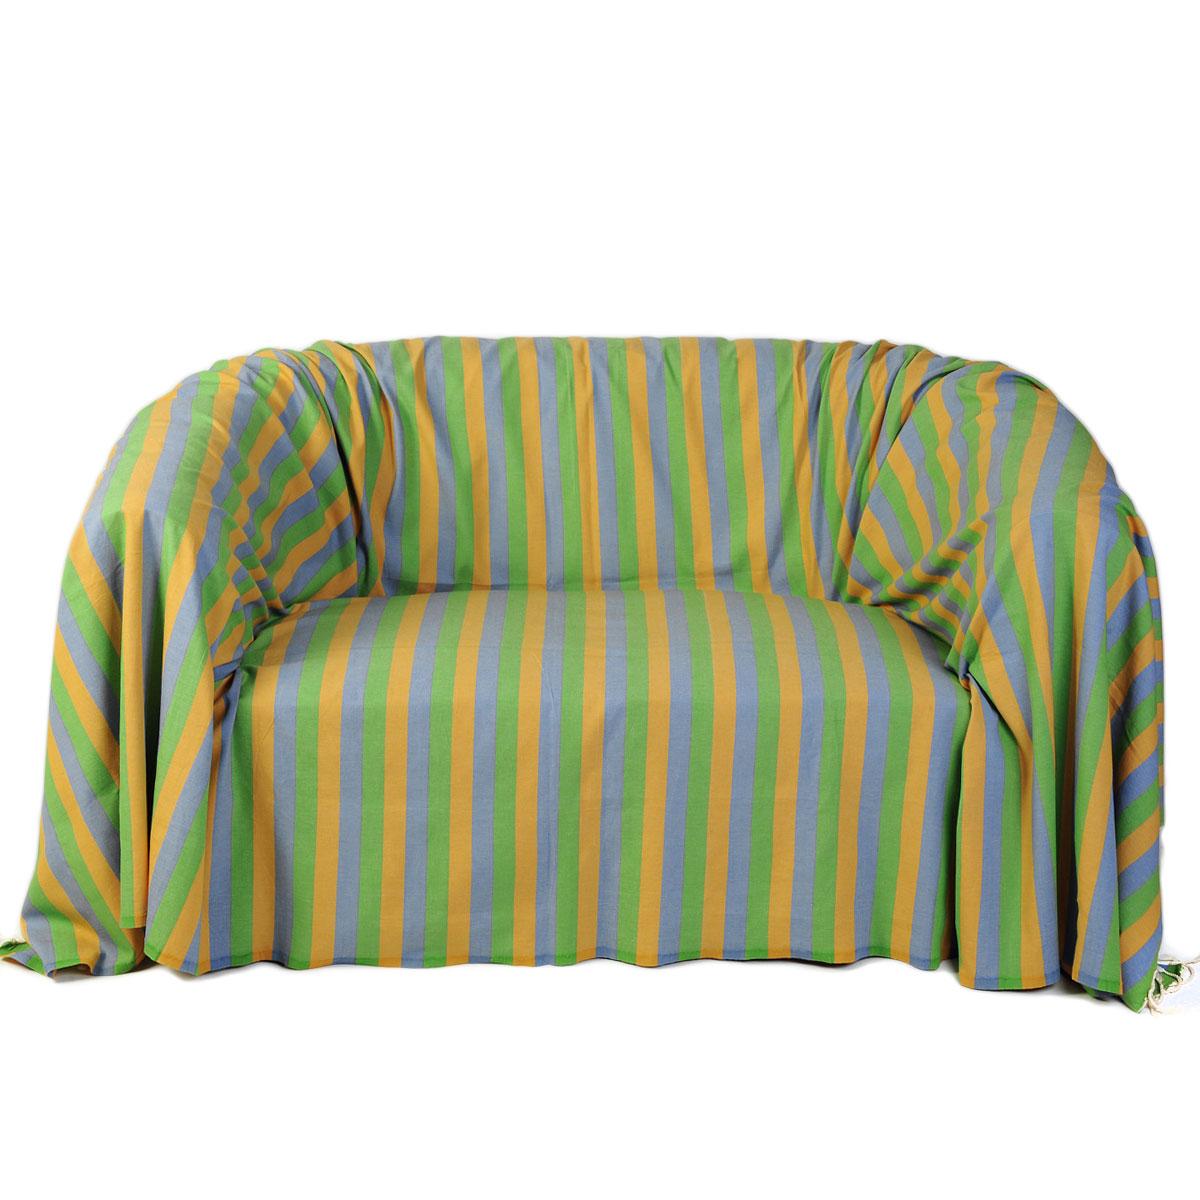 DJERBA - Jeté de canapé coton tricolore vert jaune turquoise 200 x 300